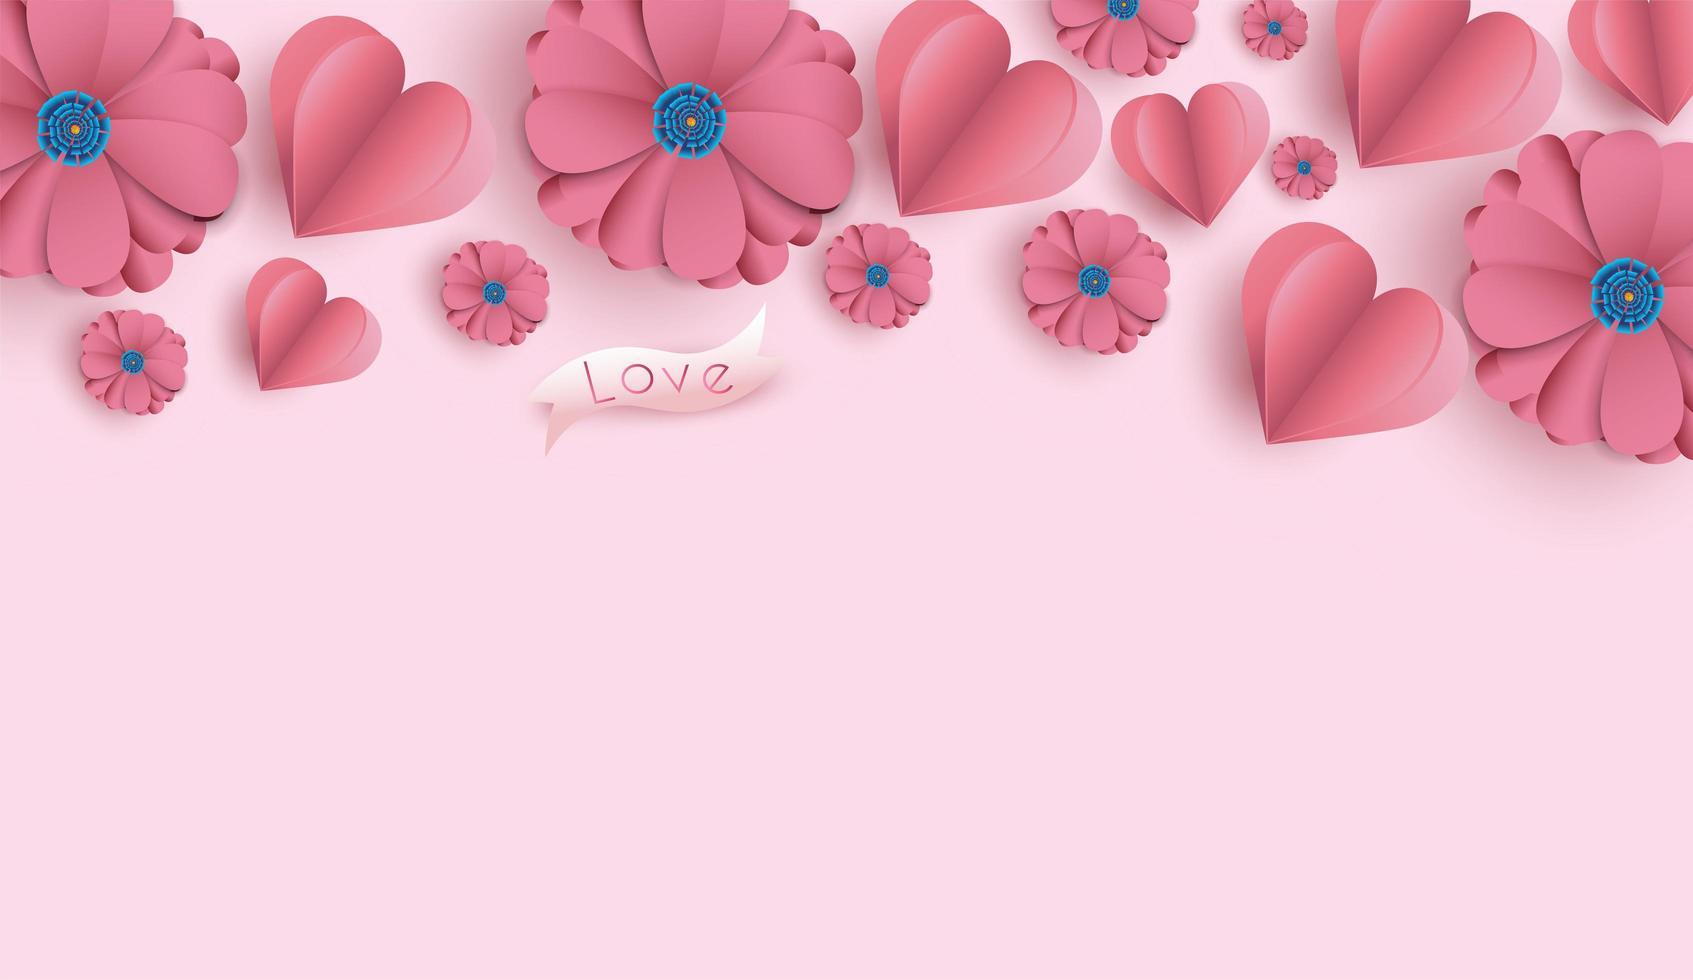 Aftelkalender voor Valentijnsdag achtergrond met papier snijbloemen en harten. vector